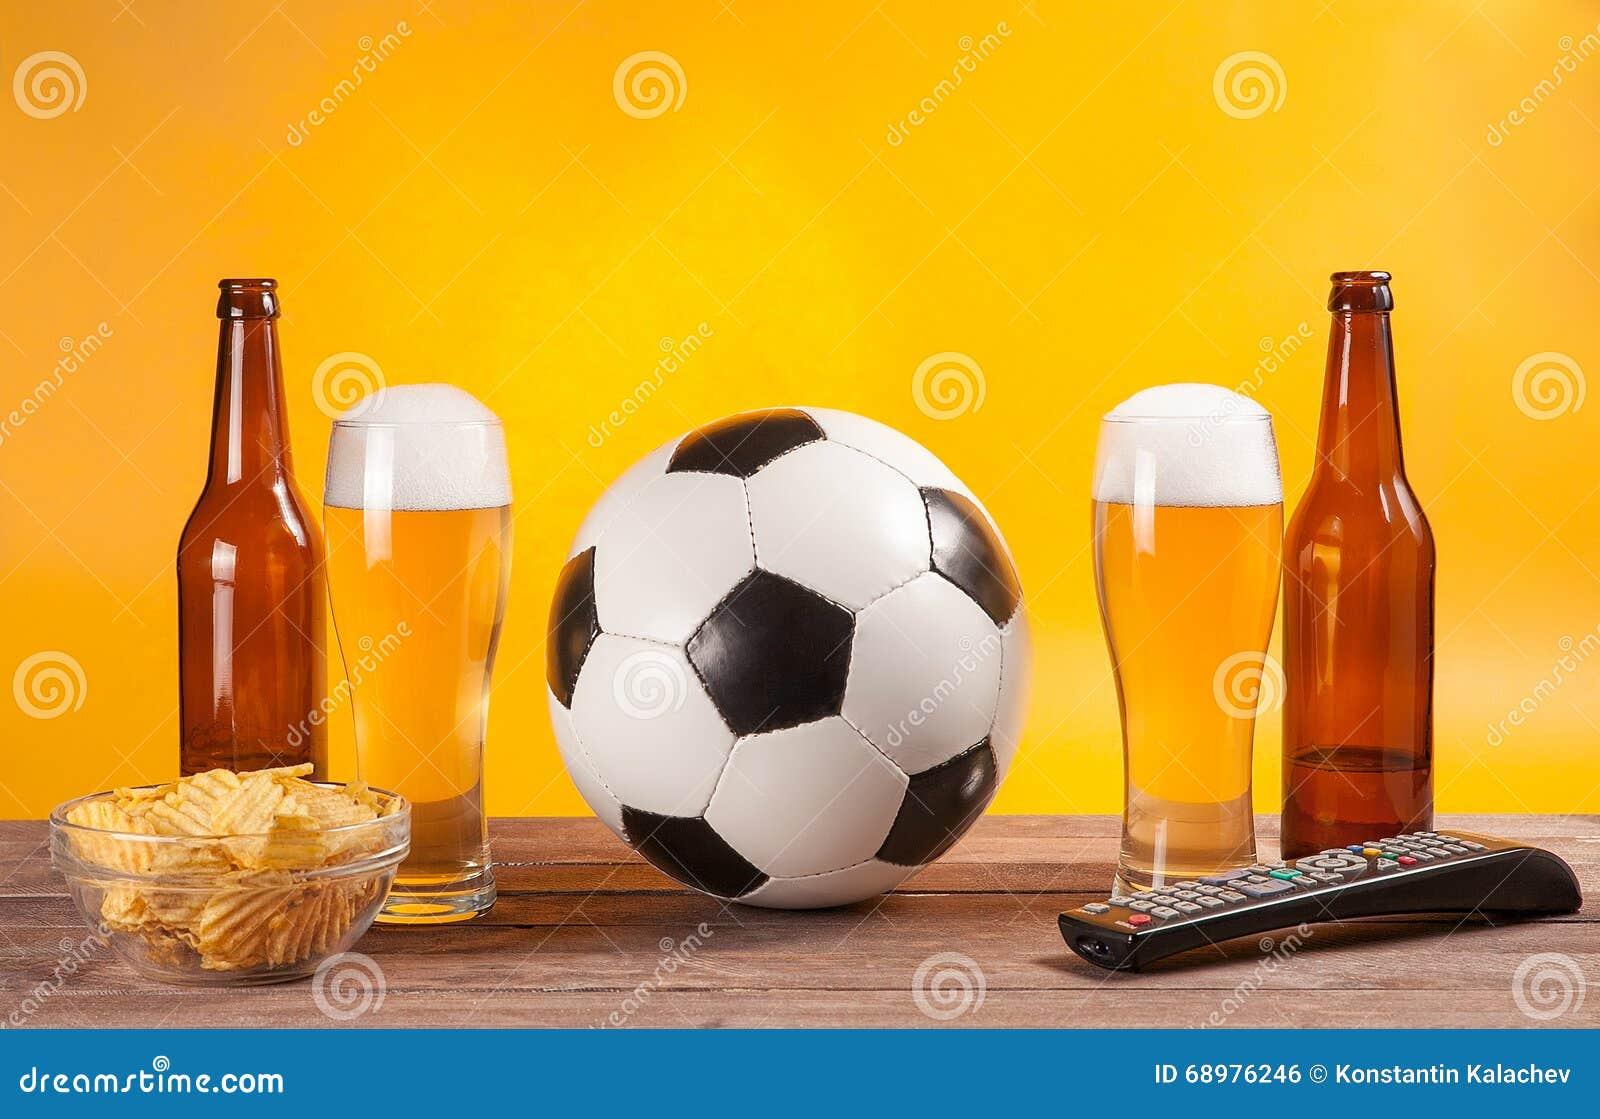 Vidrio con la cerveza y balón de fútbol cerca del telecontrol de la TV